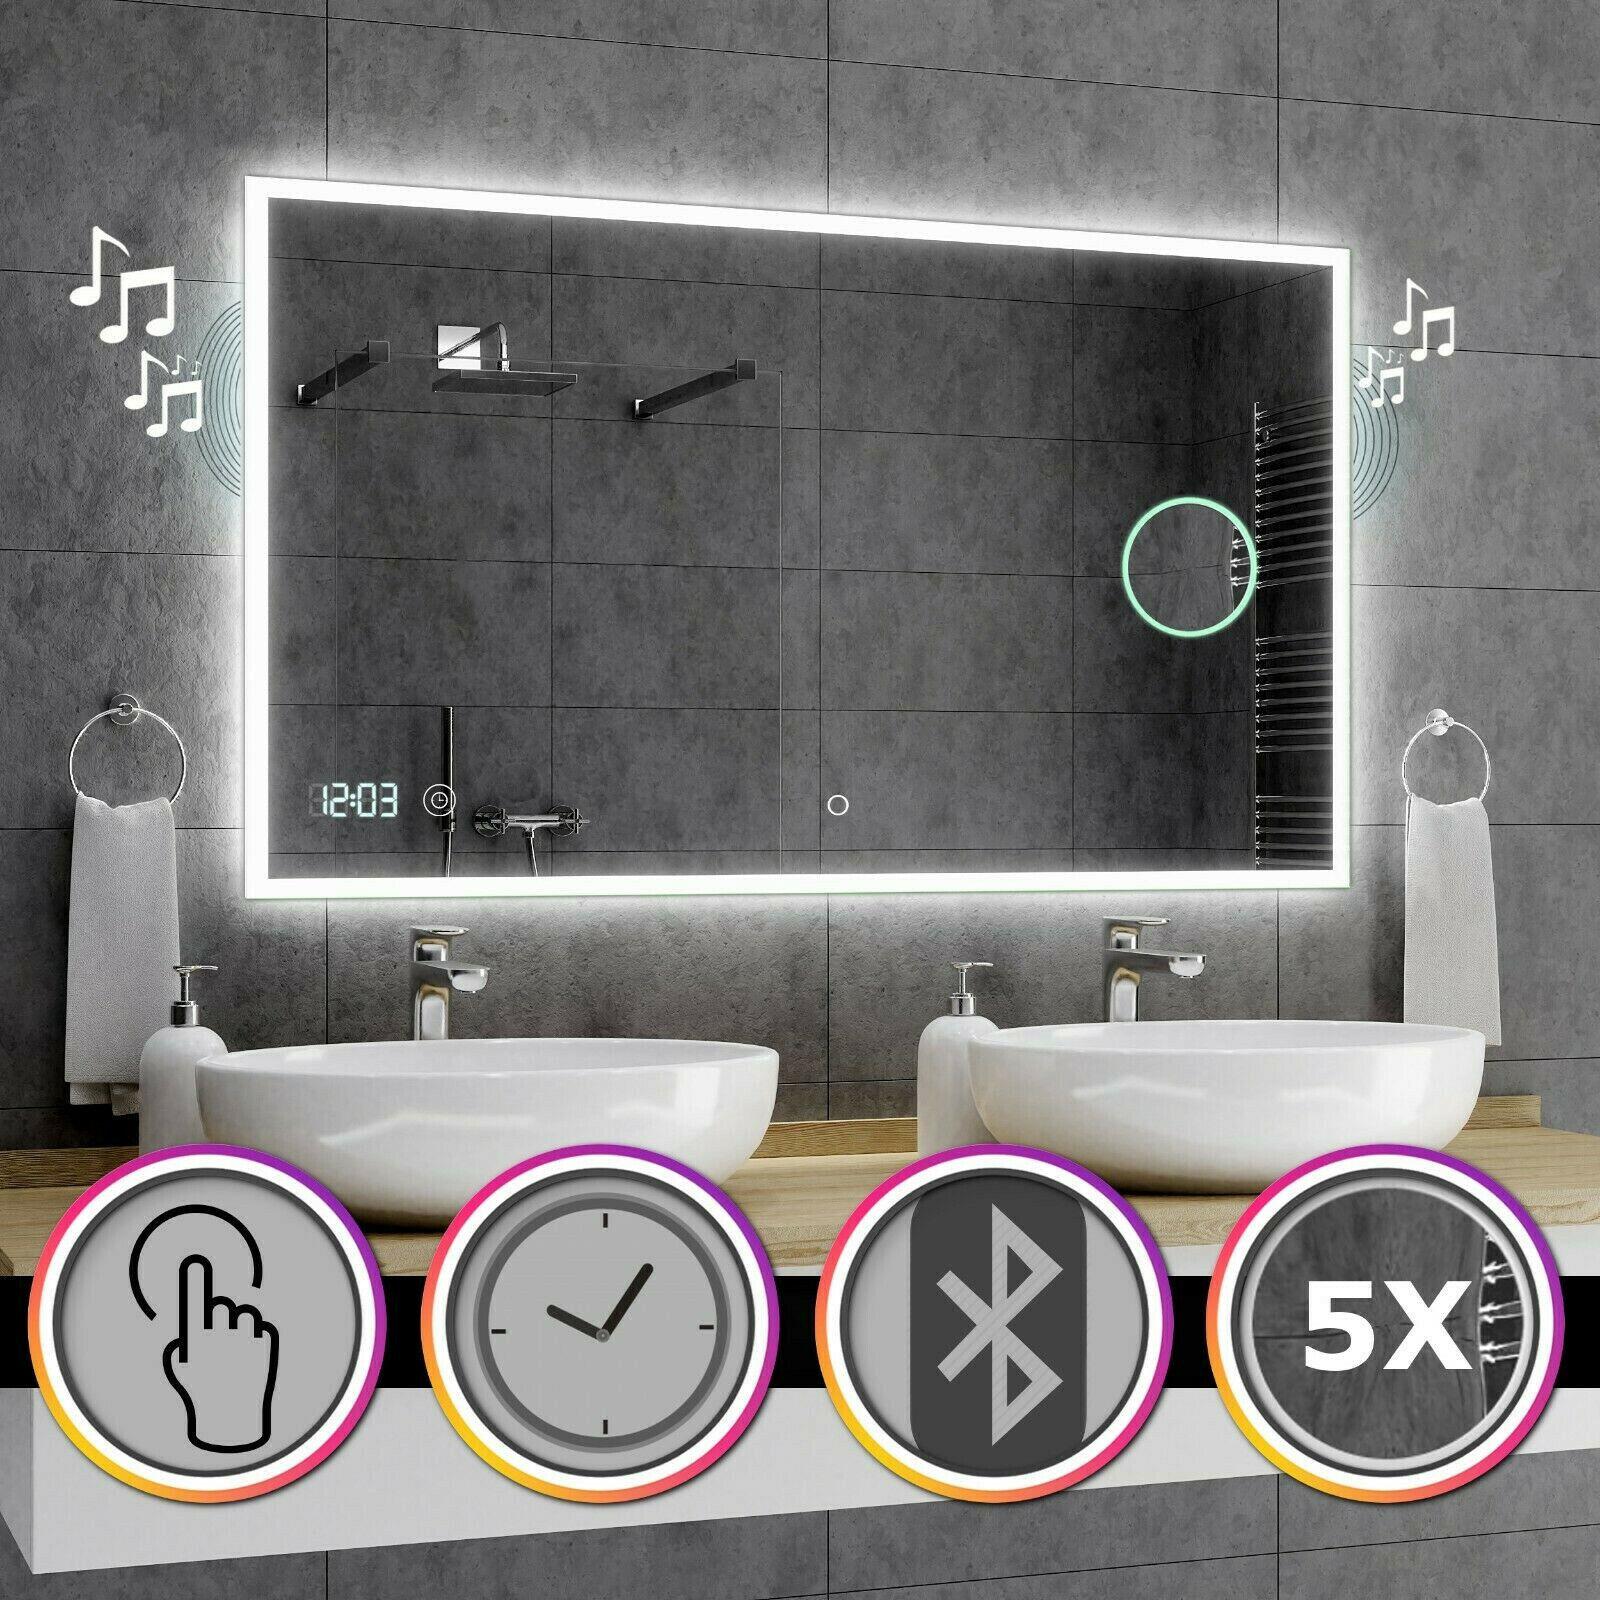 Wand Spiegel Bad Schmink Leuchte Herz Design 34x Led Beleuchtung Deko Lampe Rot Gunstig Kaufen Ebay